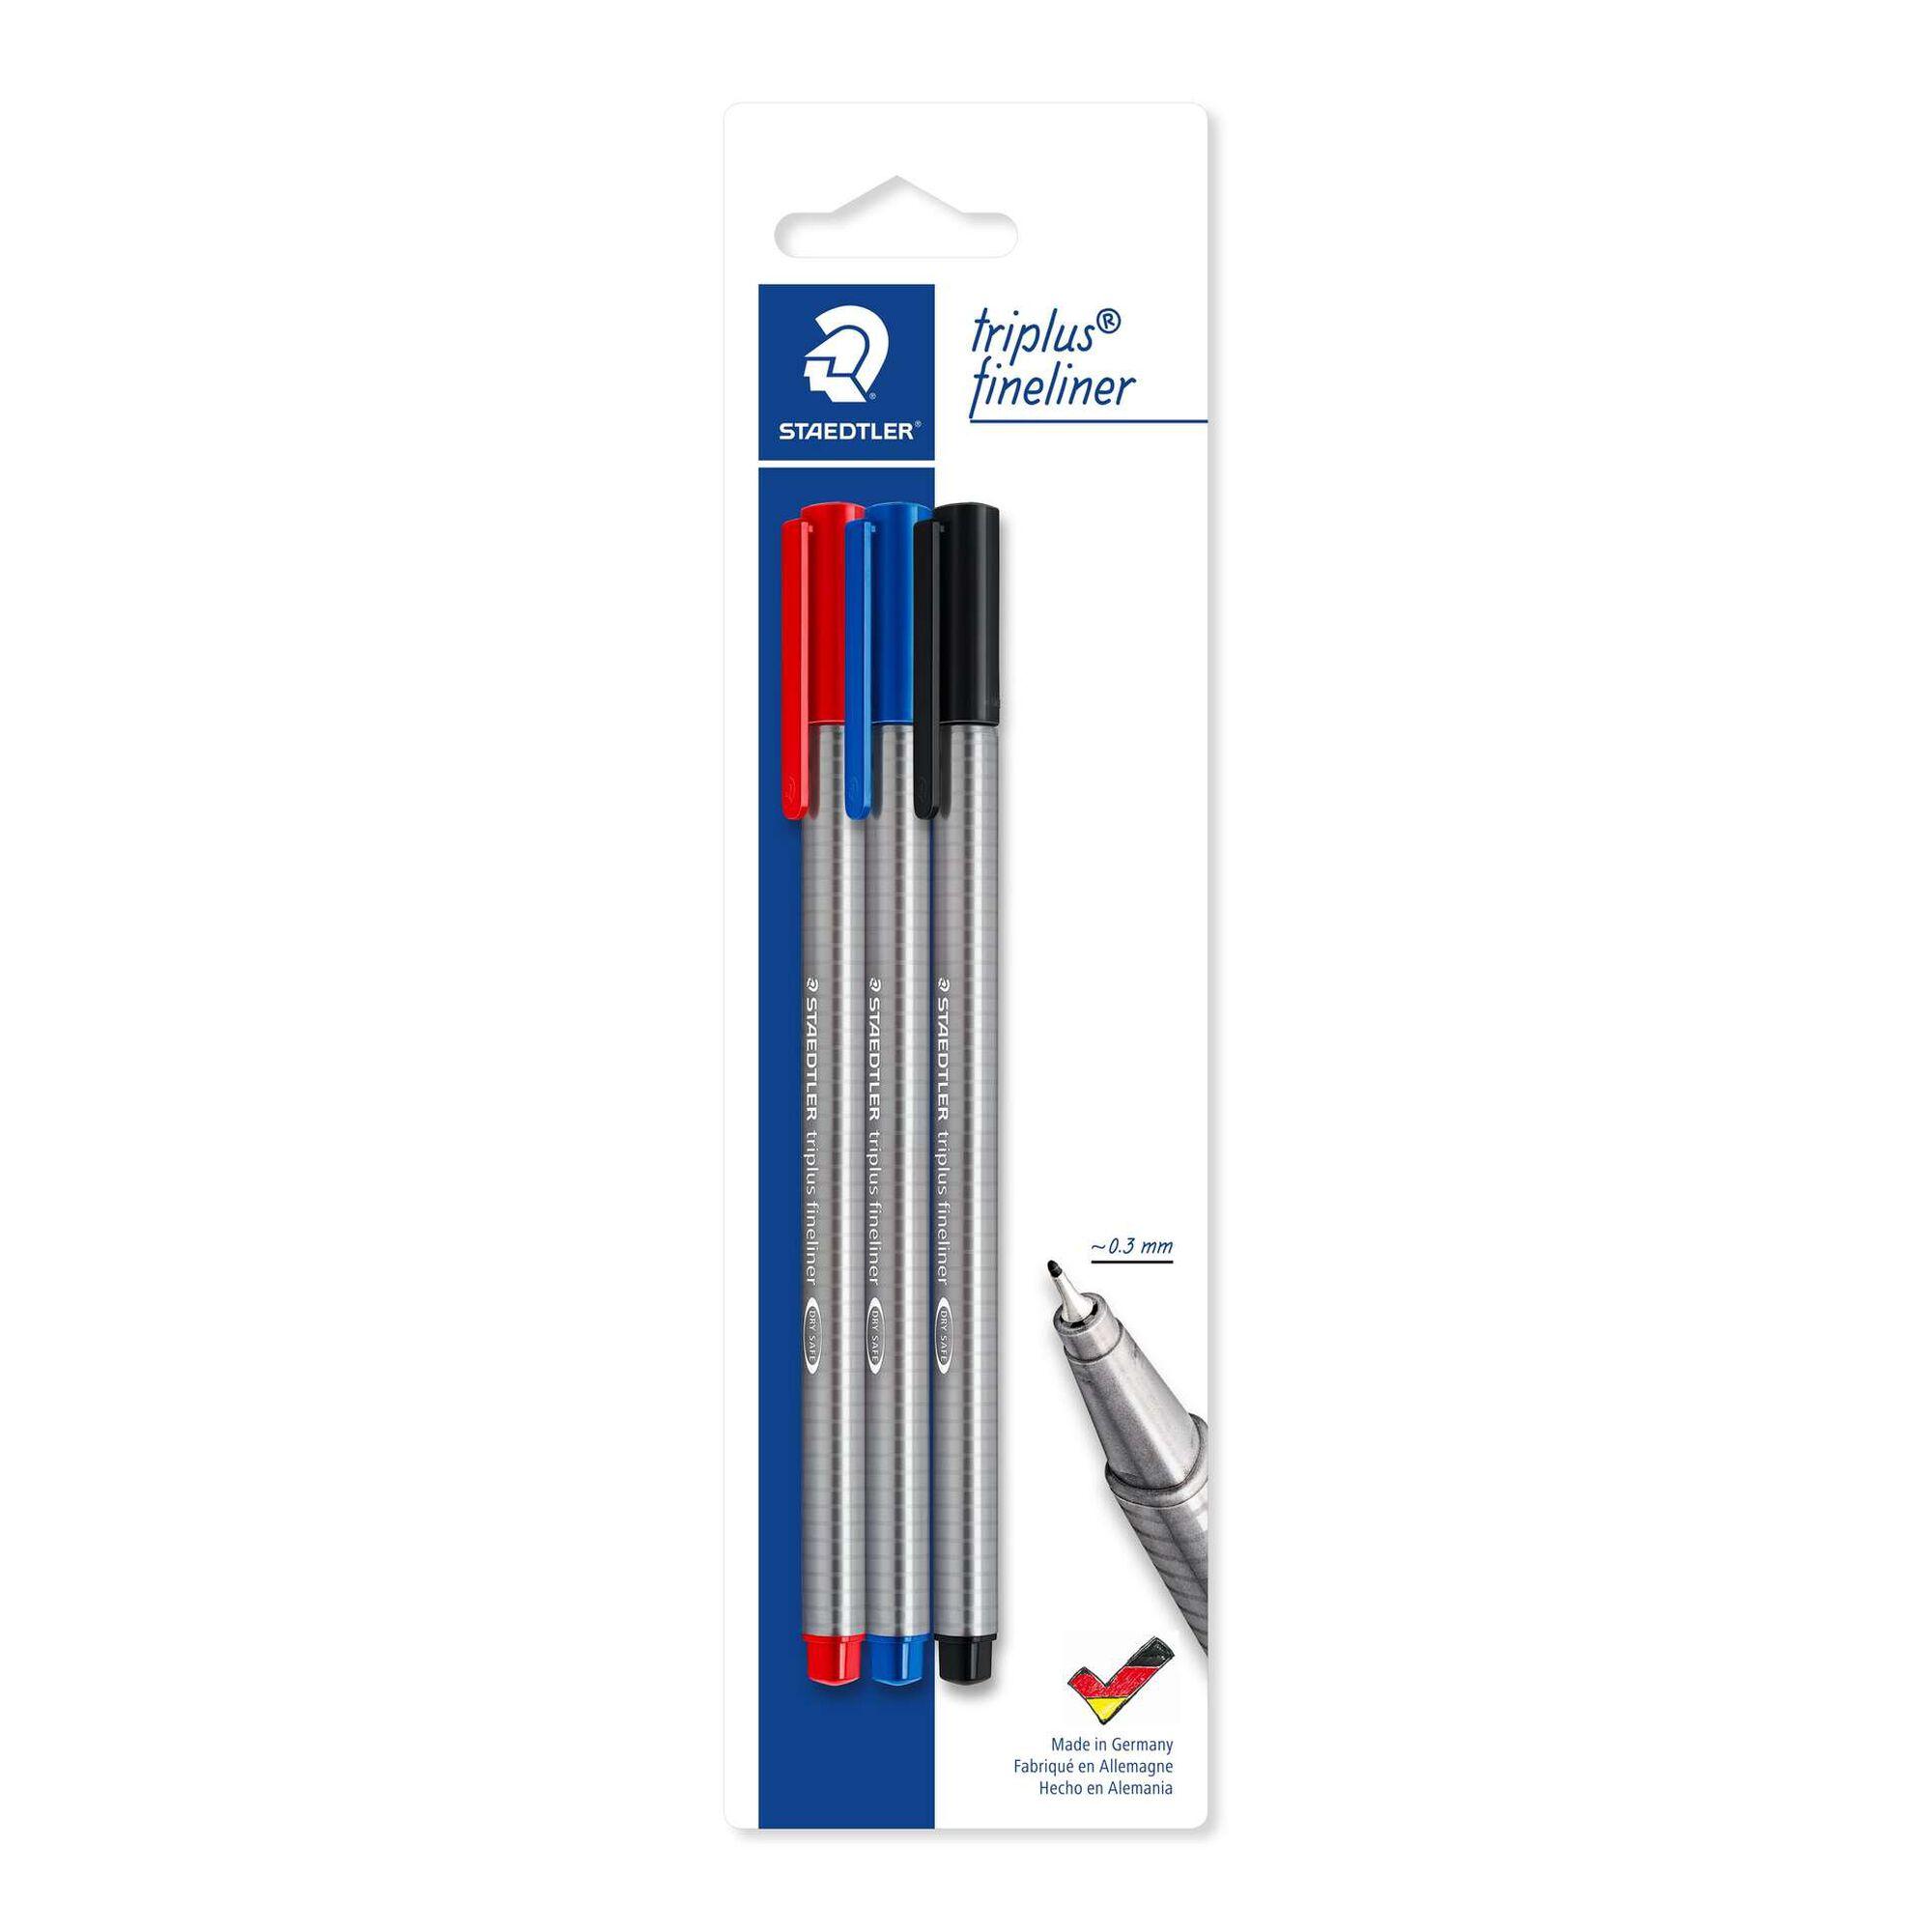 Marcador Triplus Fineliner com Tinta Preta, Azul e Vermelha